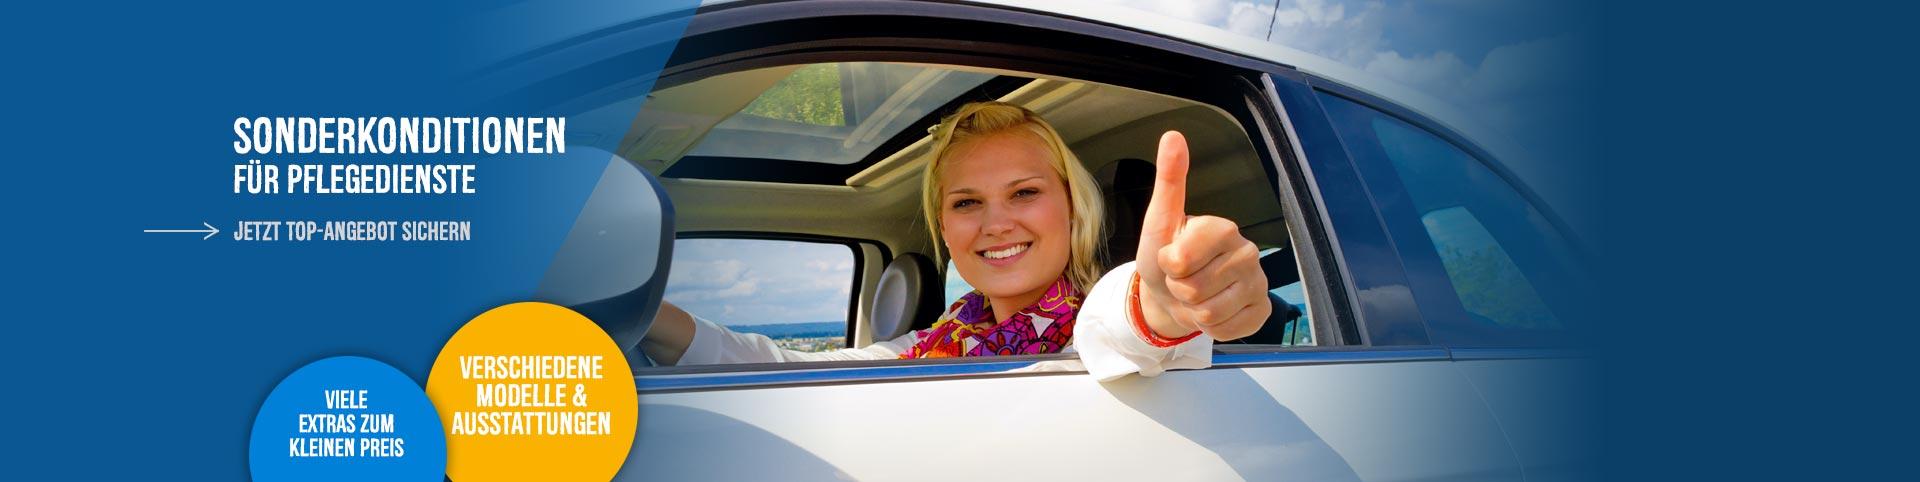 Fahrzeugangebote für Pflegedienste bei P&A-Preckel